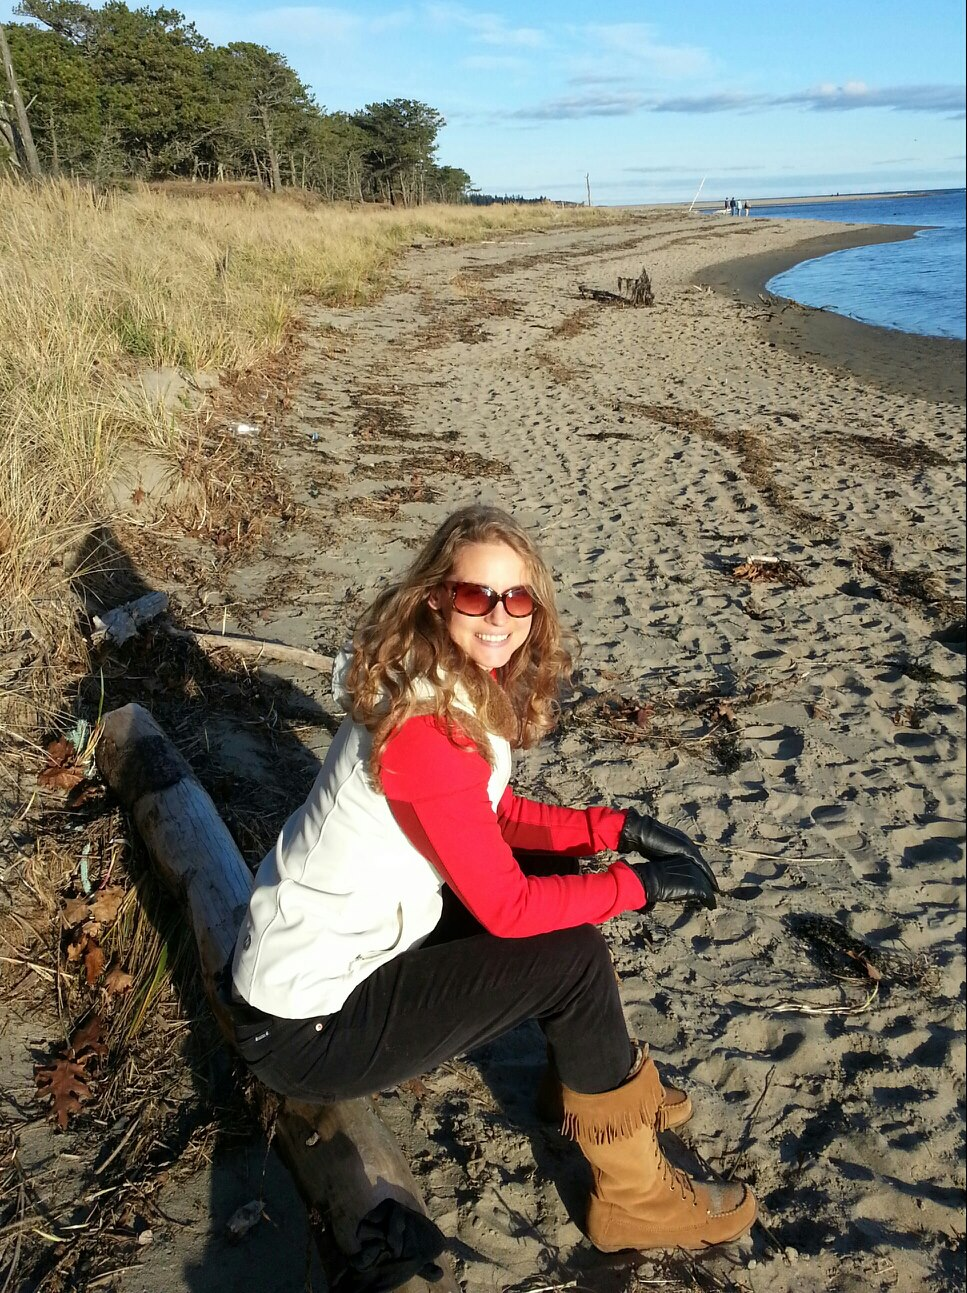 me on the beach.jpg